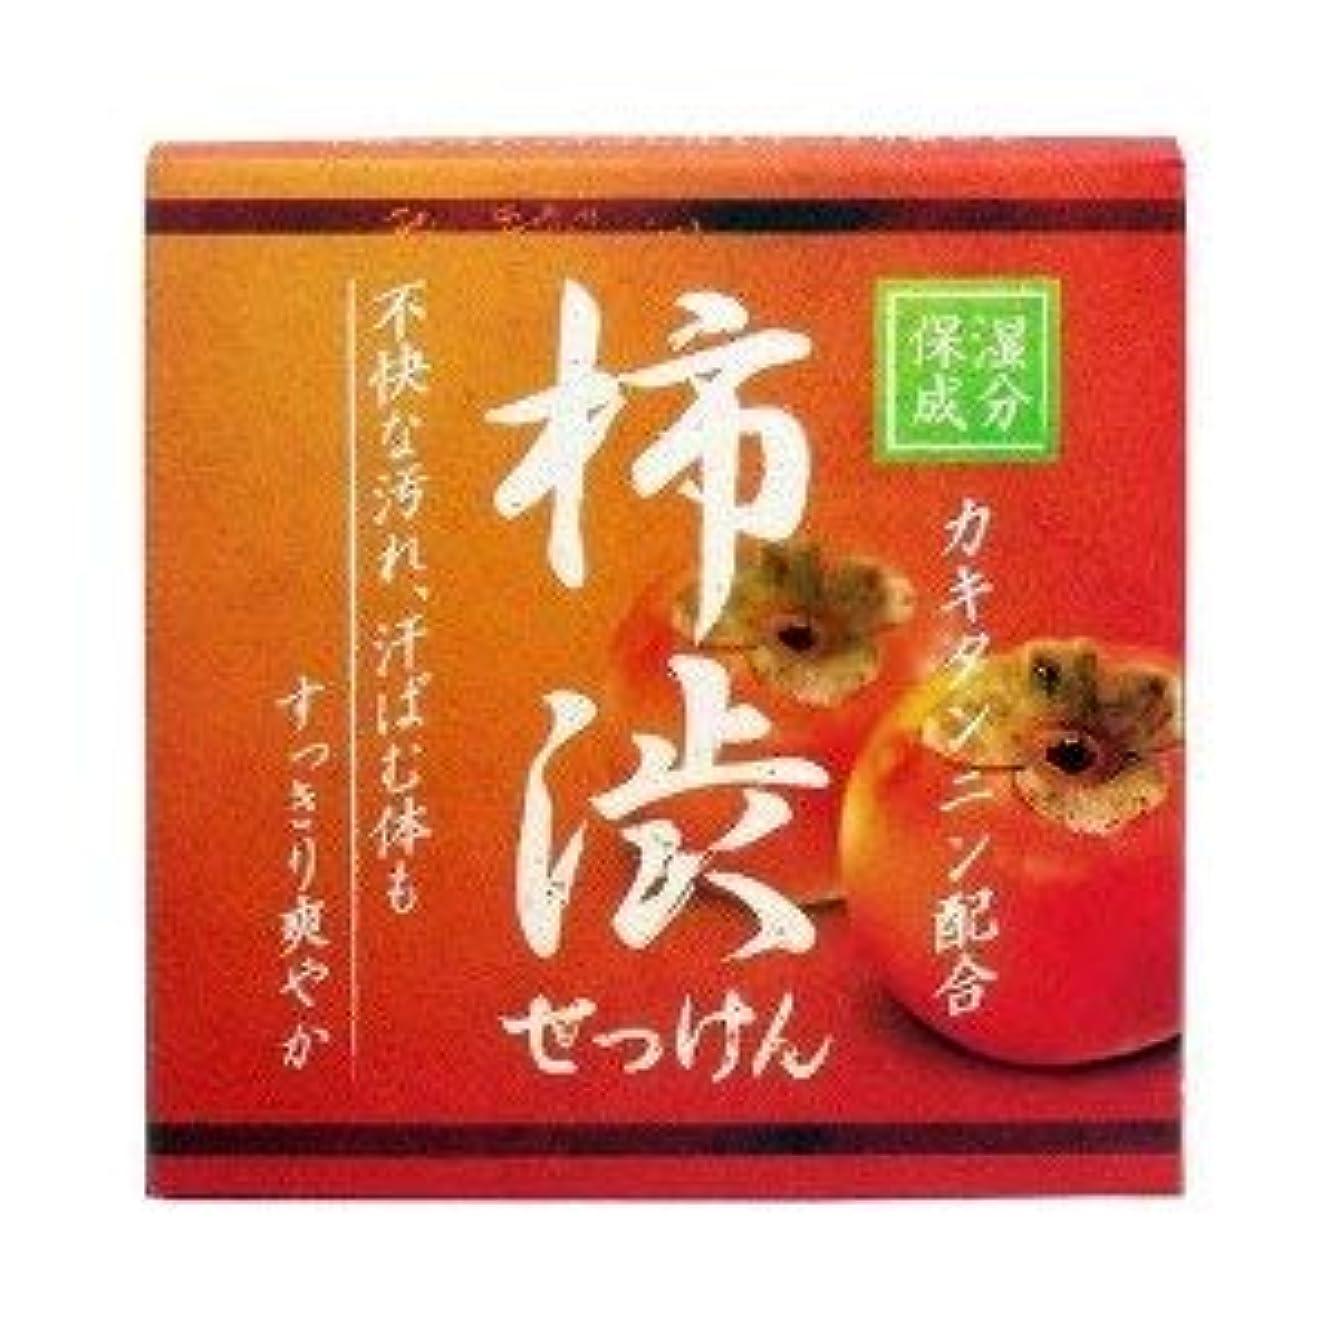 国これら風邪をひく柿渋配合せっけん カキタンニン配合保湿成分 80g×2 2個1セット 石鹸